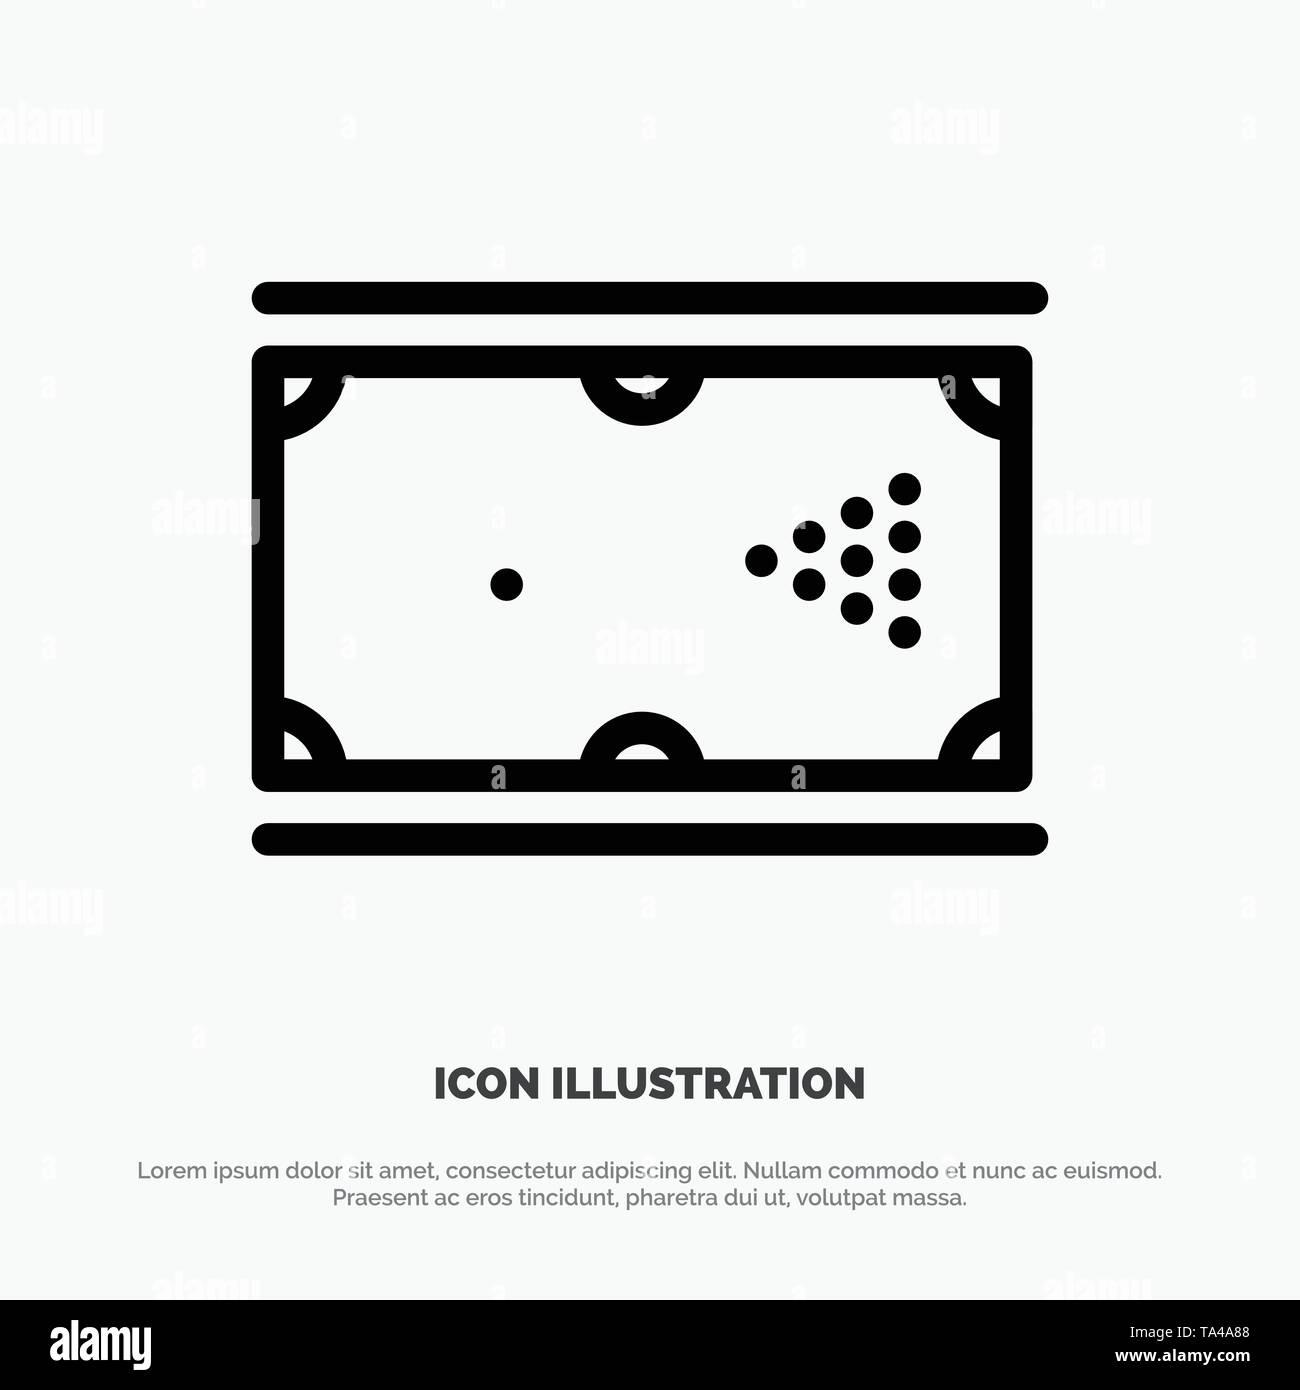 Billiards, Cue, Game, Pocket, Pool Line Icon Vector - Stock Vector